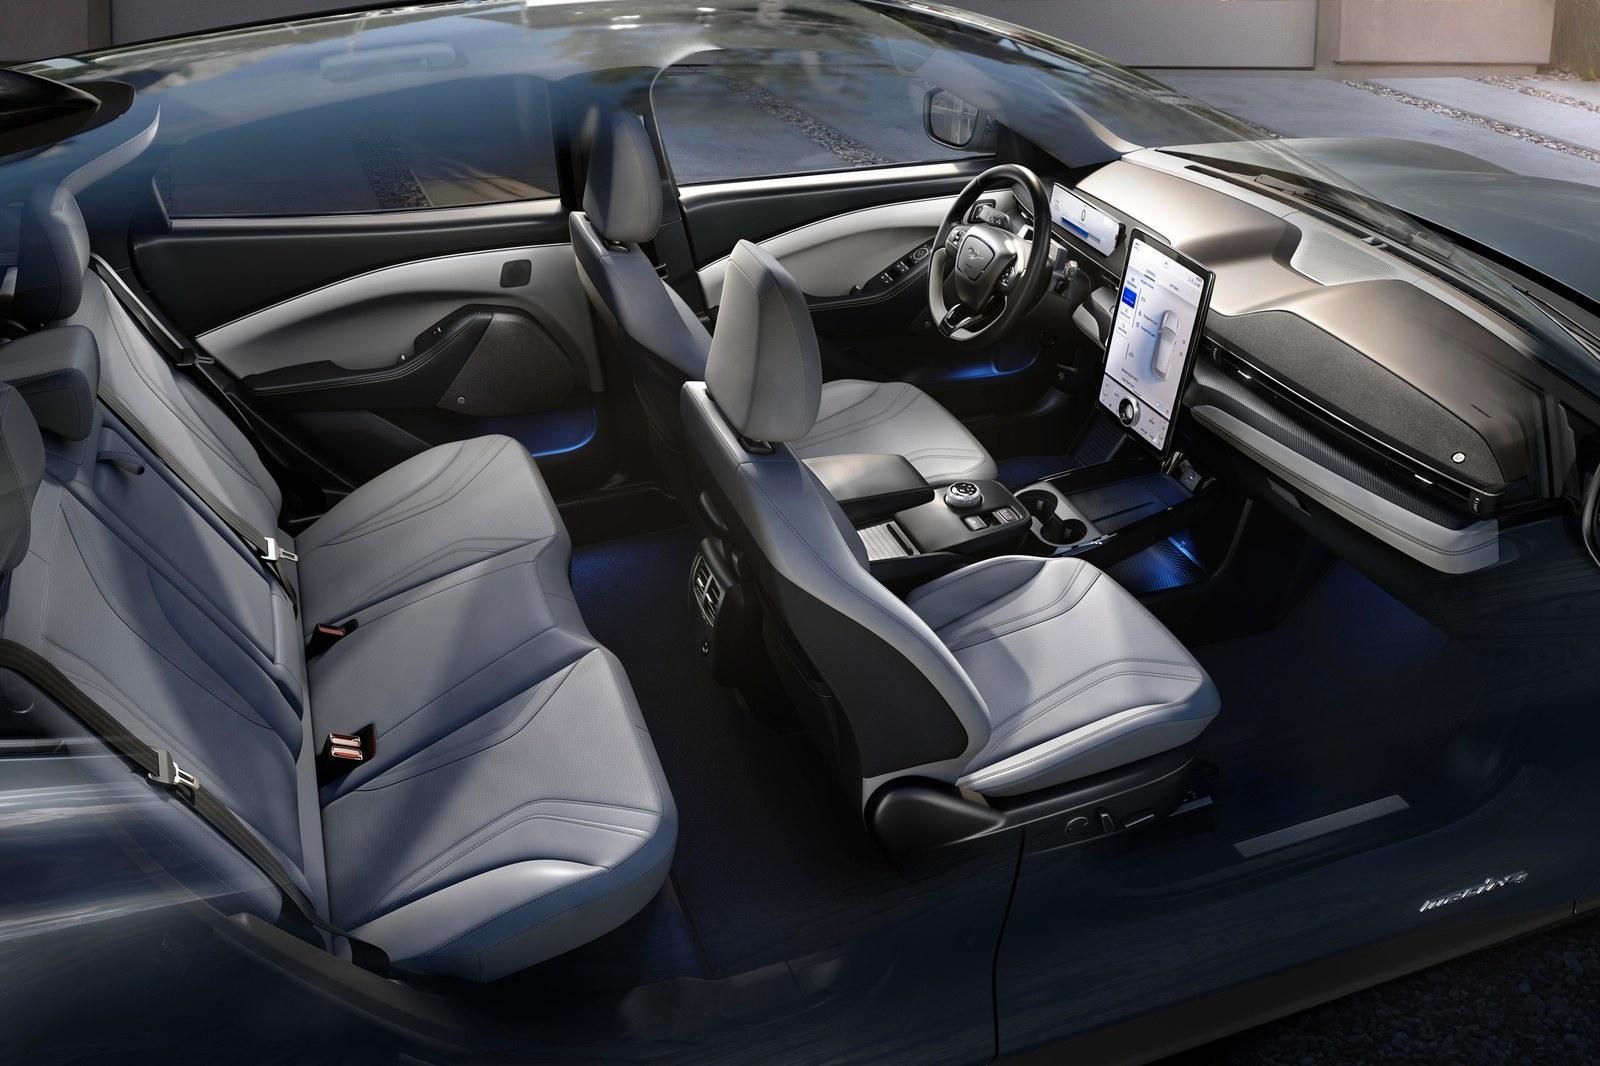 Ford Mustang Mach E ra mắt: Crossover thuần điện, giá từ 44.000 USD Ảnh 5